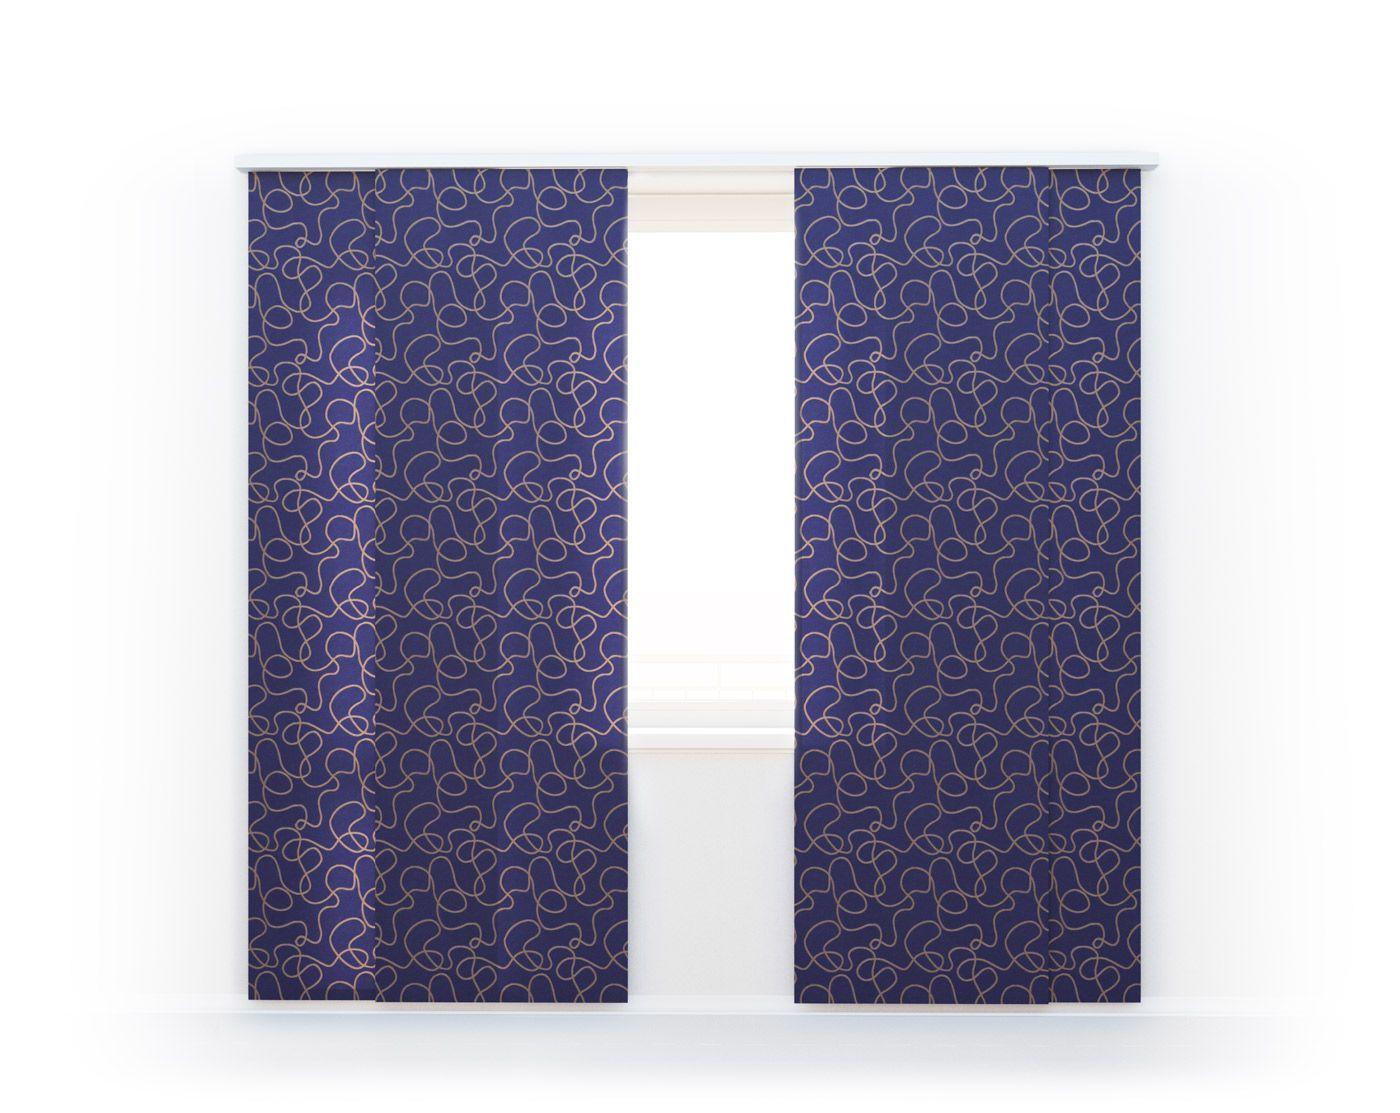 Японские шторы Ar deco part 2, 2362/40